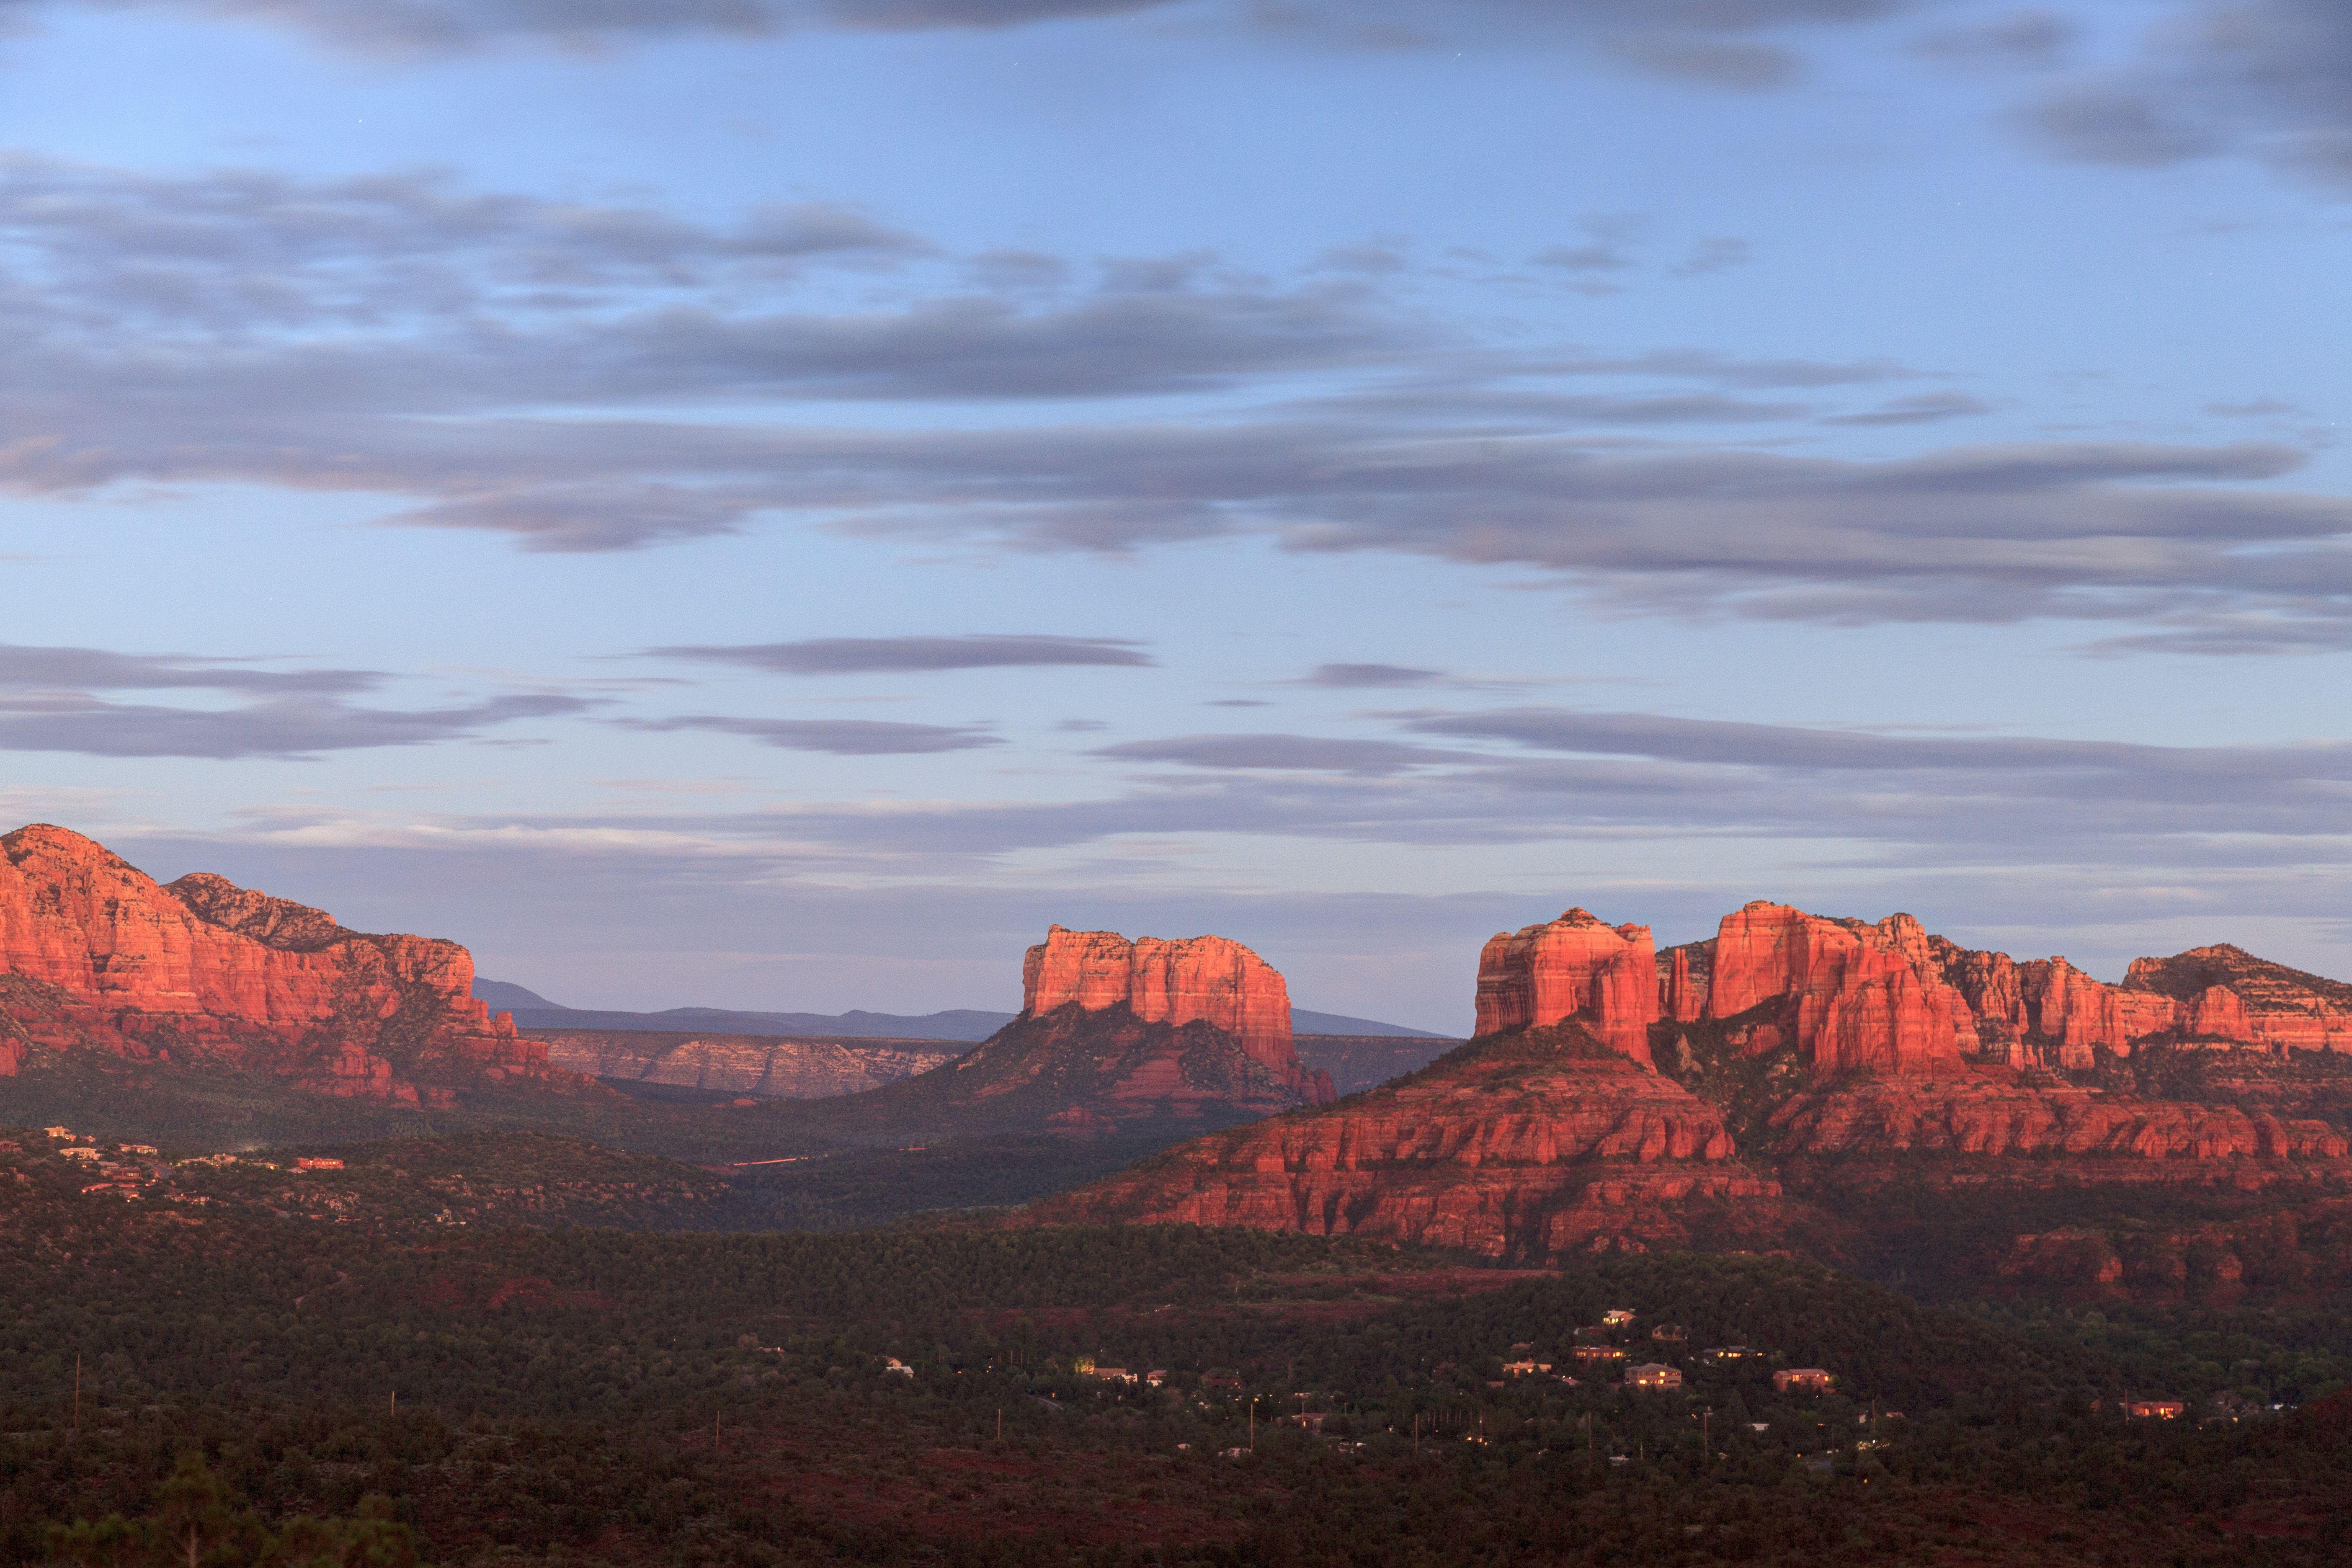 USA, Arizona, Sedona